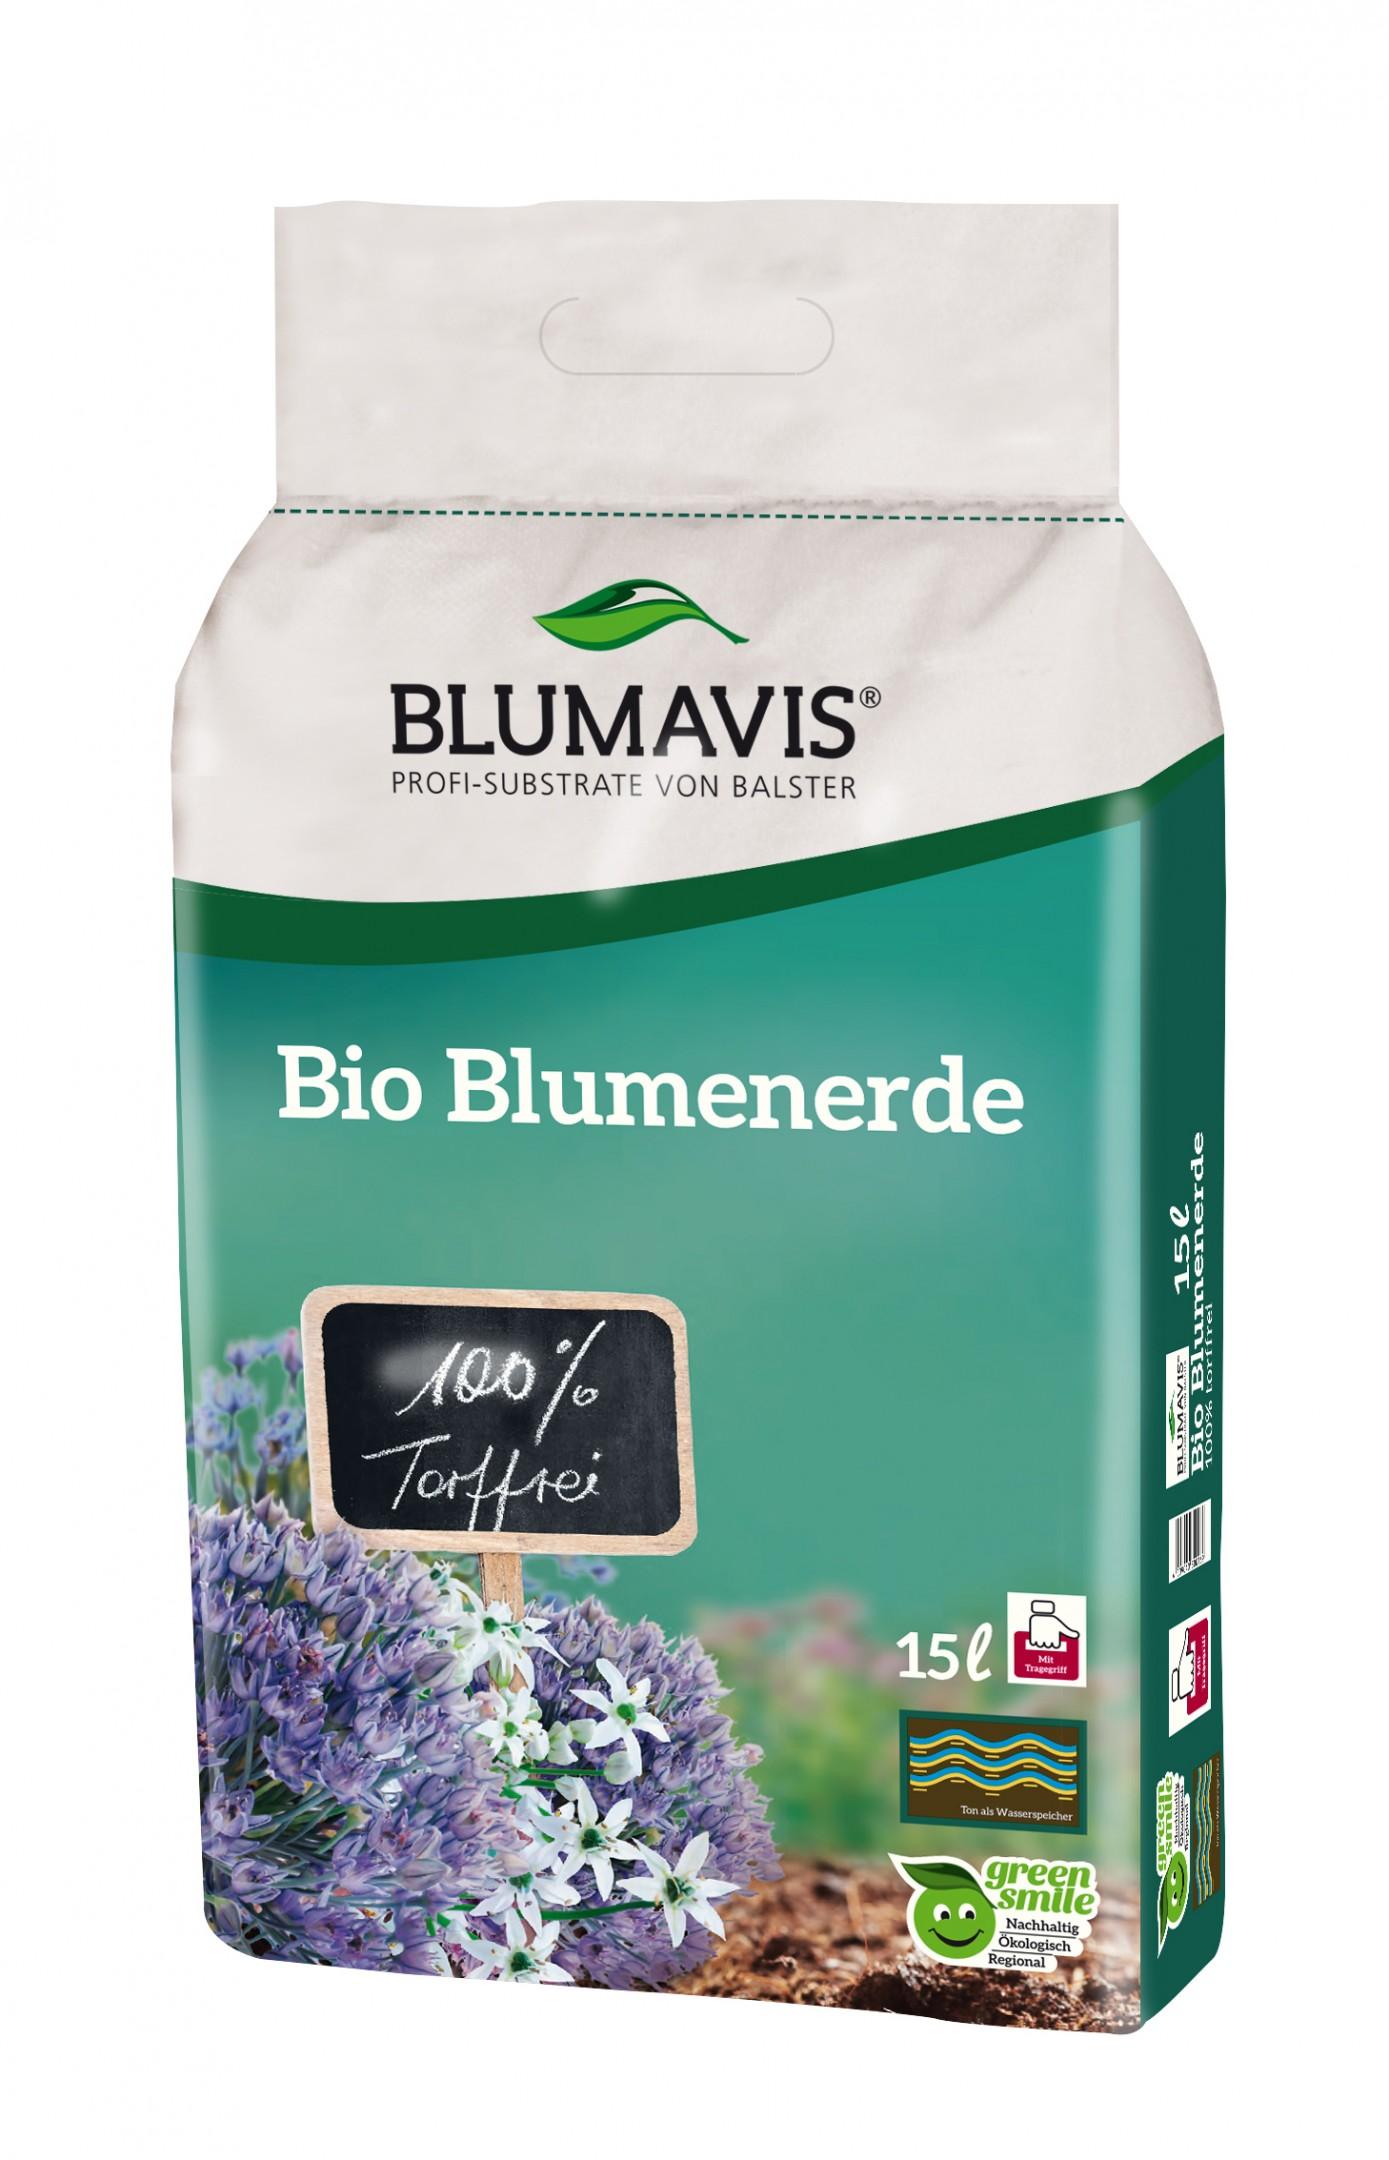 Bio Blumenerde 100% torffrei Bild 1